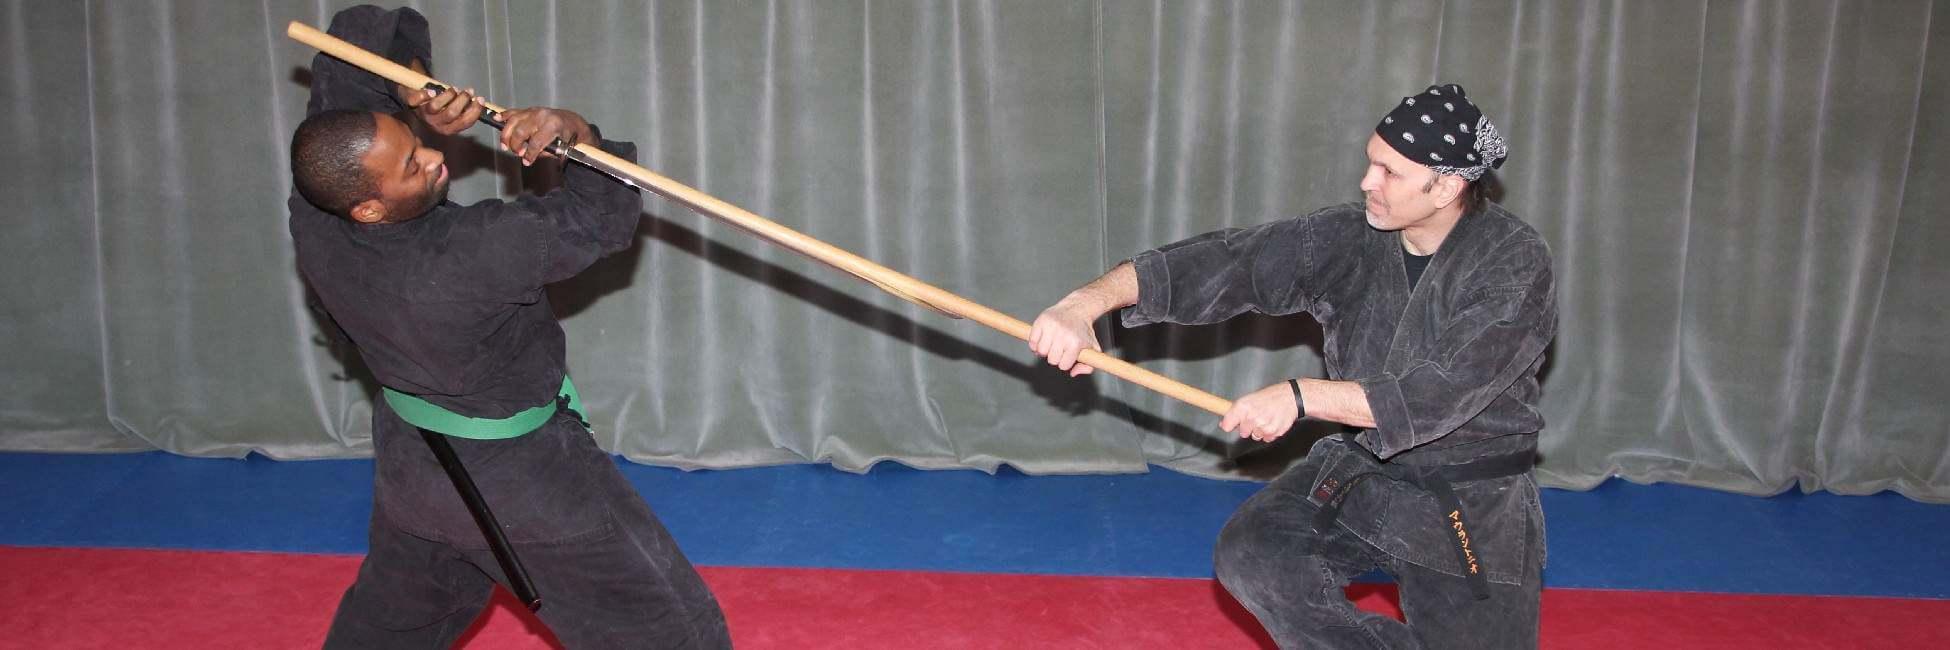 Bujinkan New York Dojo Westchester Ninja And Samurai Martial Arts